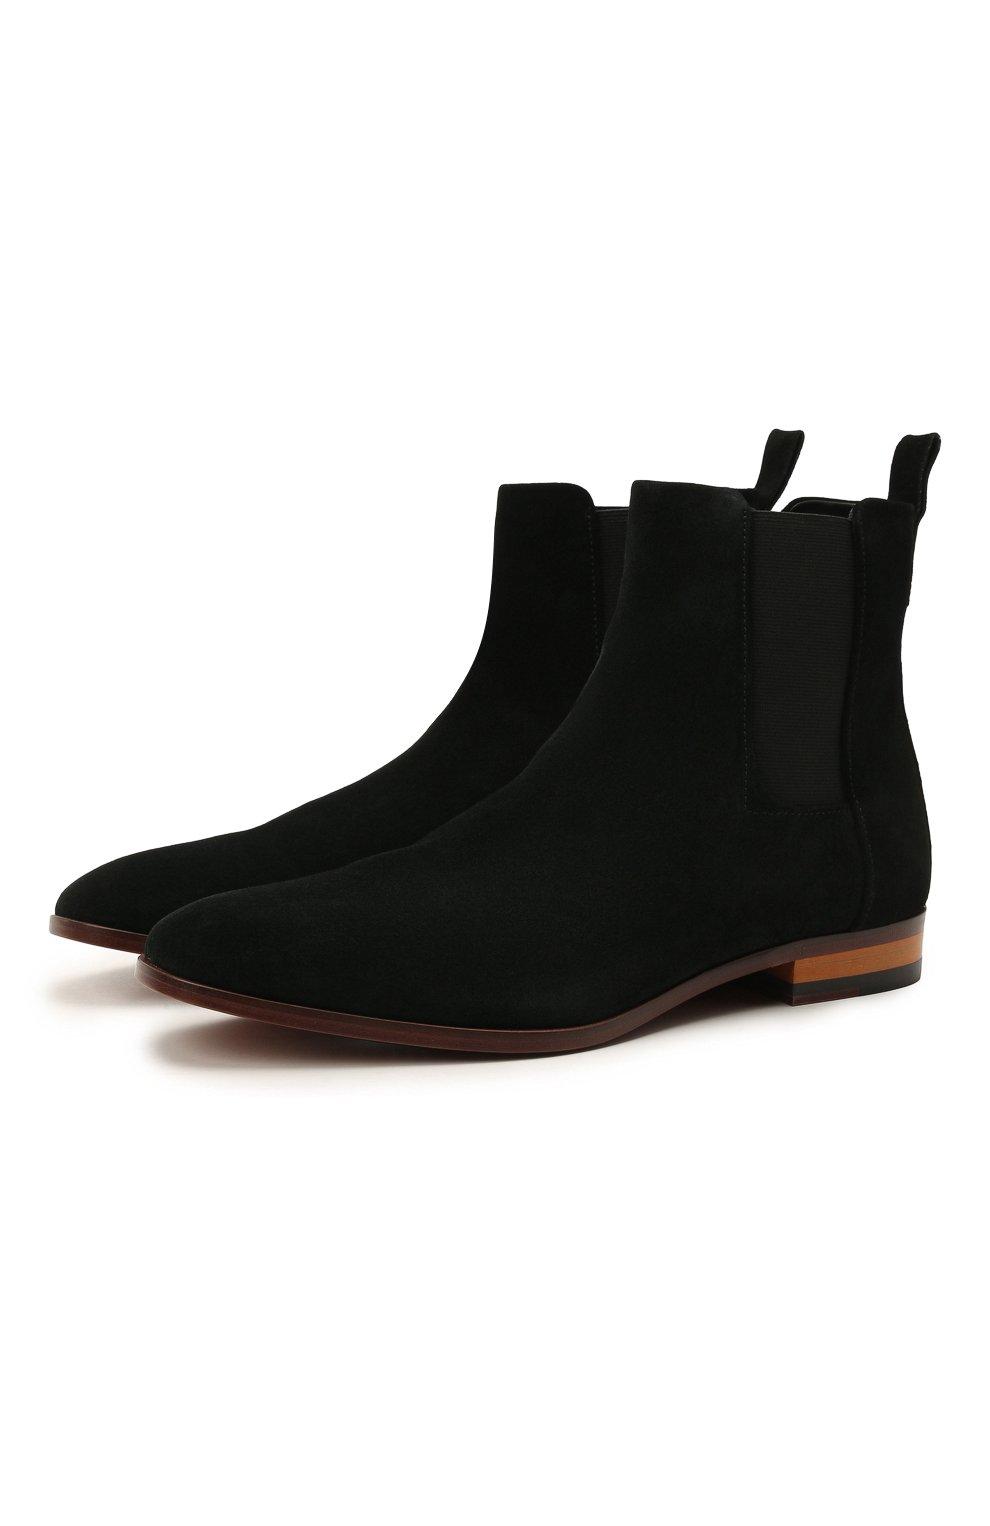 Мужские замшевые казаки HUGO черного цвета, арт. 50454862   Фото 1 (Мужское Кросс-КТ: Казаки-обувь, Сапоги-обувь; Подошва: Плоская; Материал внешний: Замша)